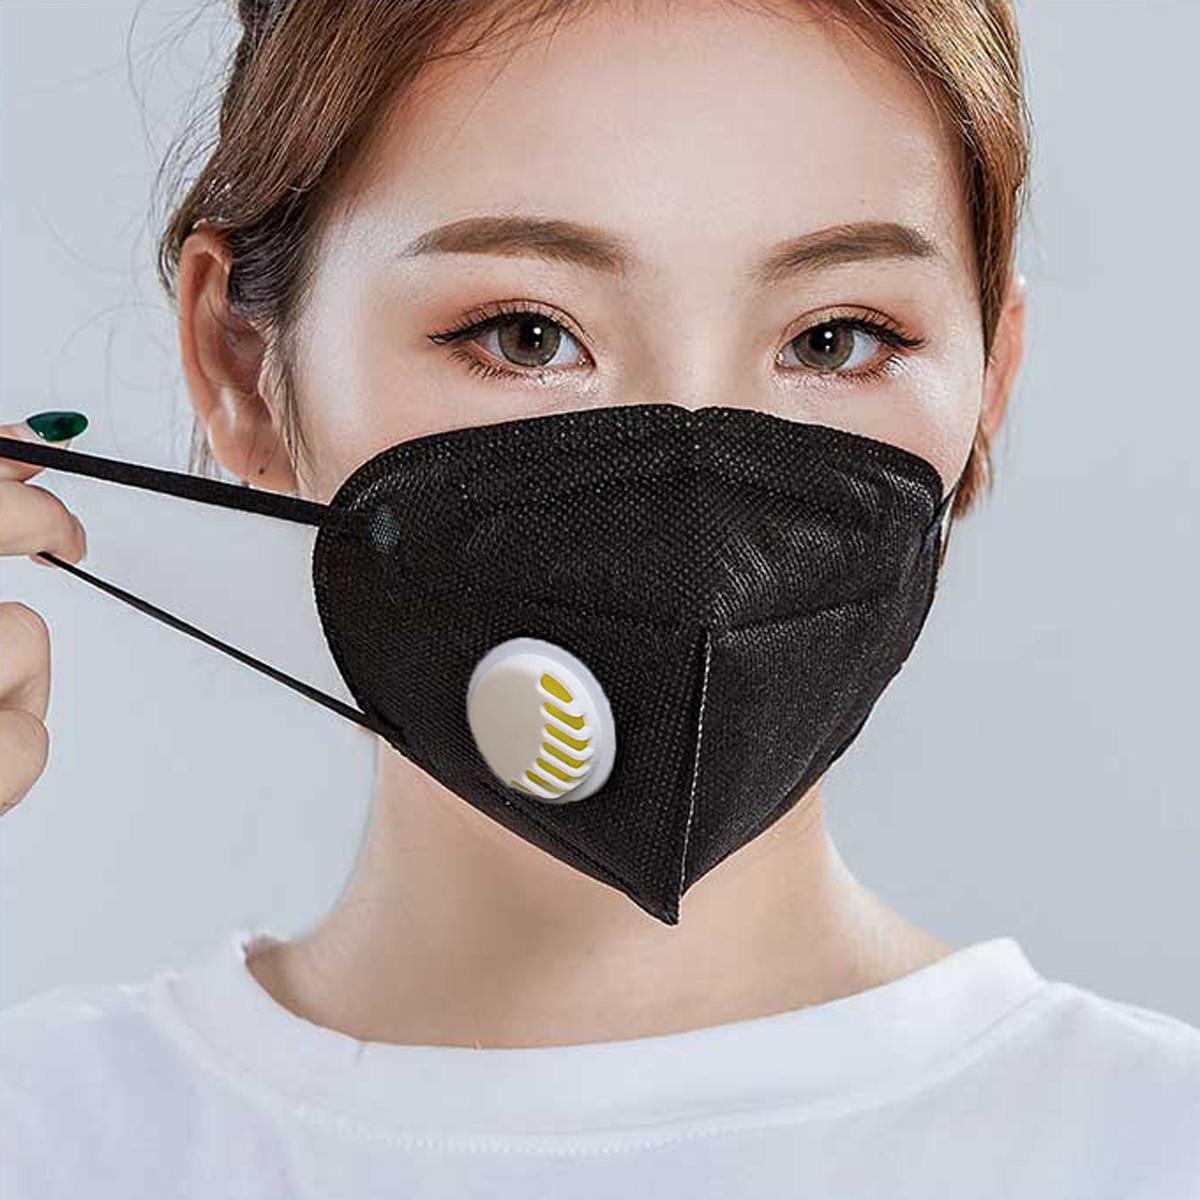 De Voluntad Fuerte Máscara De Boca Unisex Desechable Anticontaminación Mascarilla A Prueba De Polvo Filtro De Carbón Activado Filtración Pm2.5 Antibruma Máscara De Boca